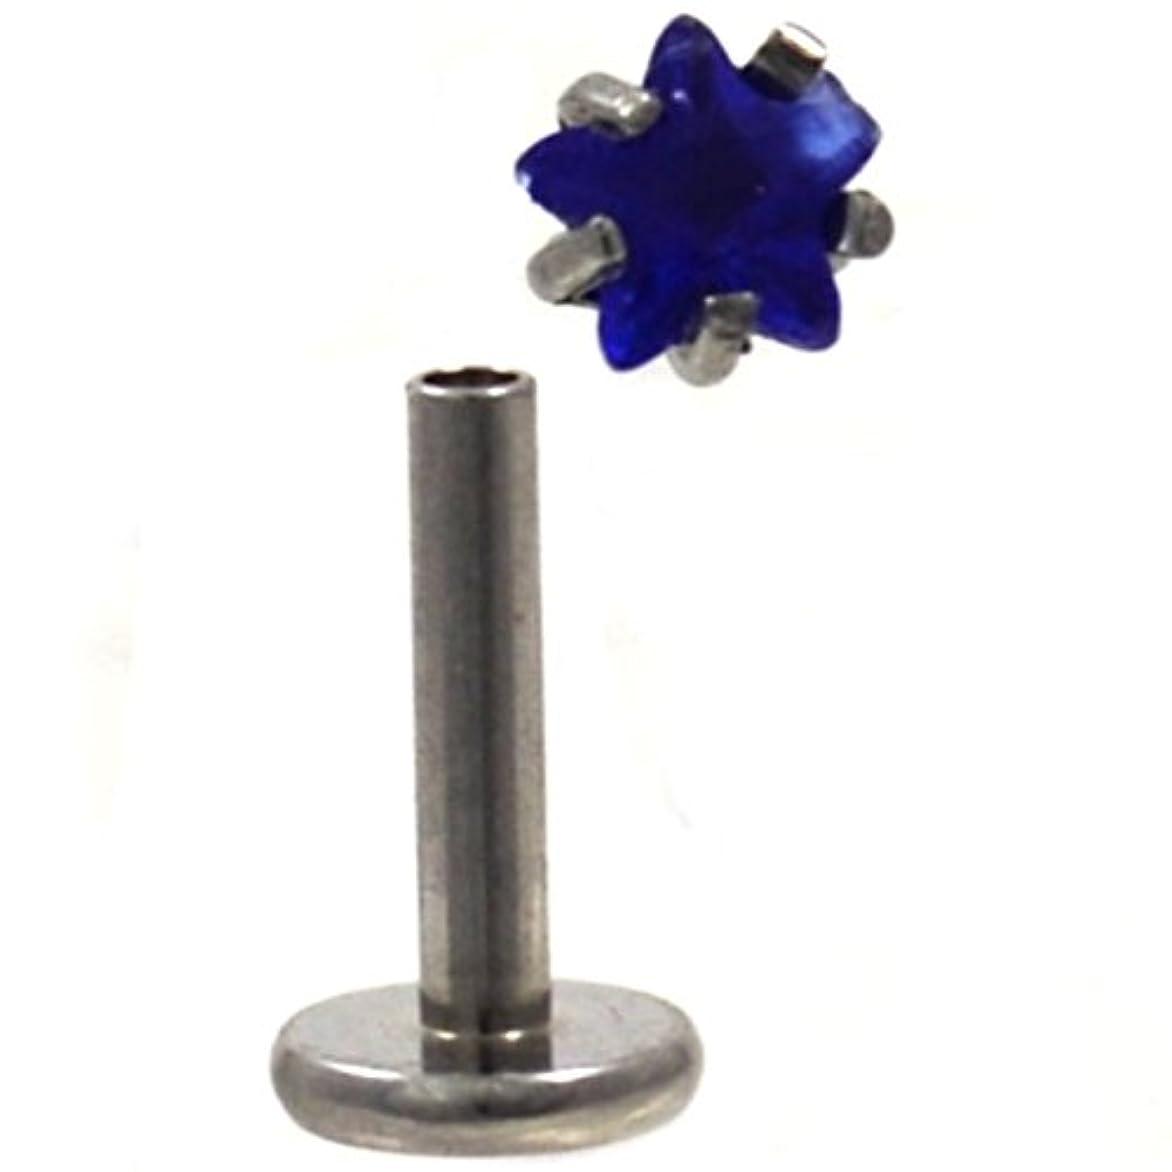 ミケランジェロ学んだ結婚星型ブルーCZ Gem Top鋼ラブレットモンローピアススタッド16ゲージ